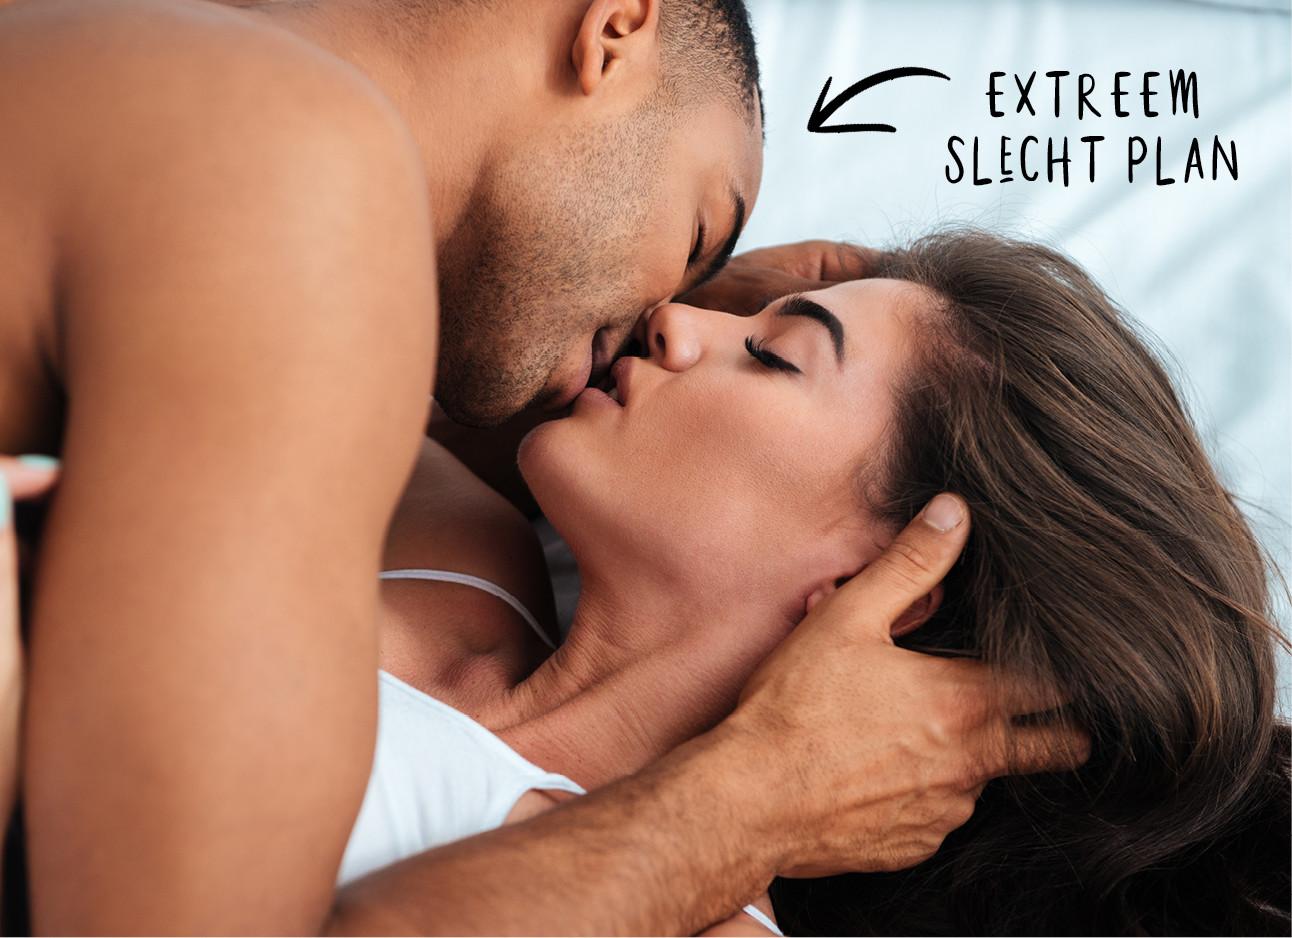 man en vrouw in bed aan het zoenen extreem slecht plan